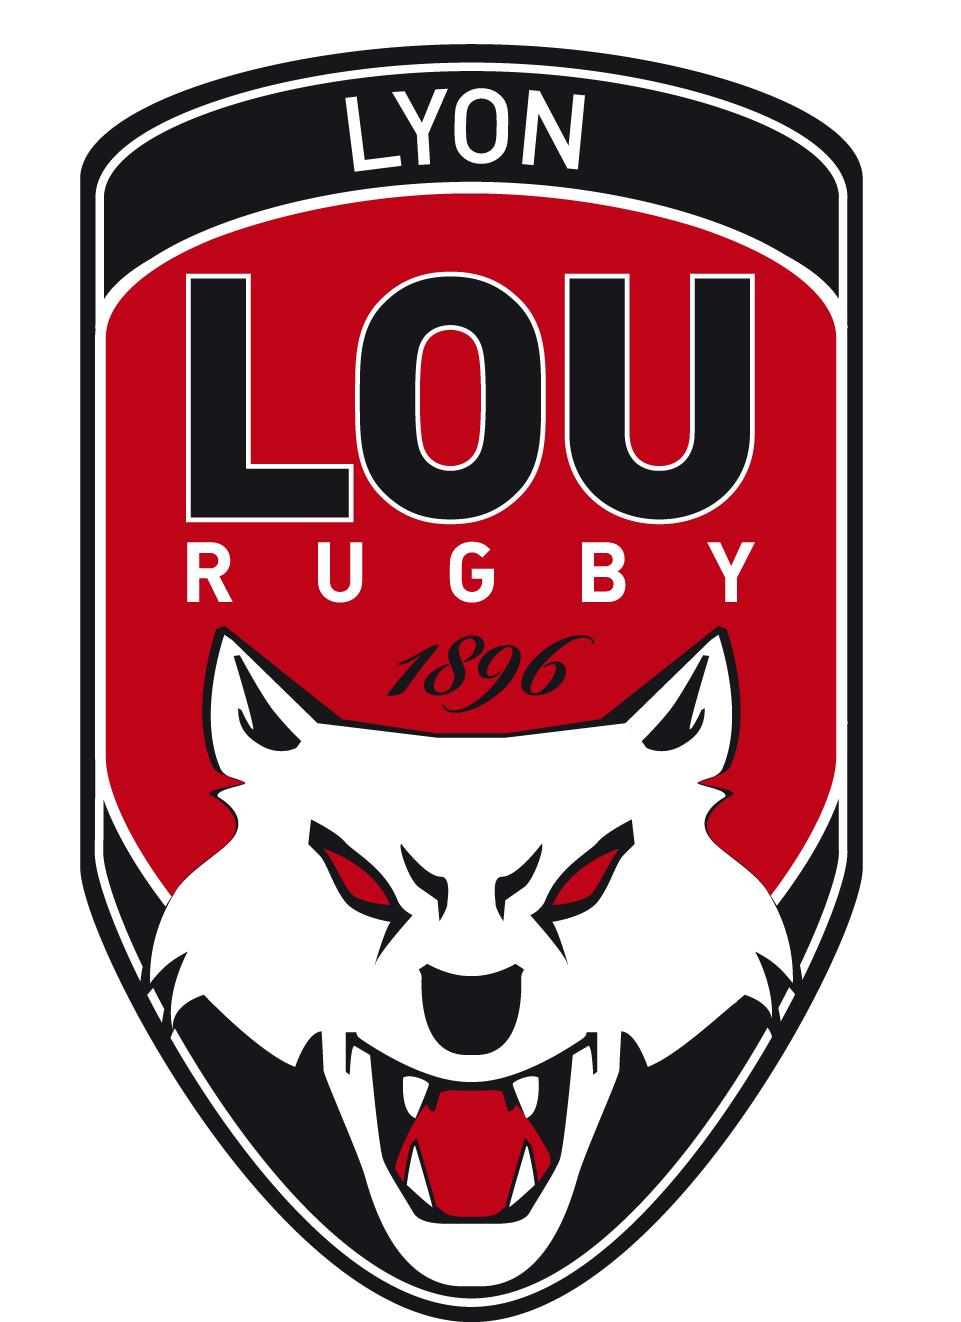 Soirée Abonnements du LOU Rugby - Stade de Gerland / 12 juillet 2018 - Lyon (69)